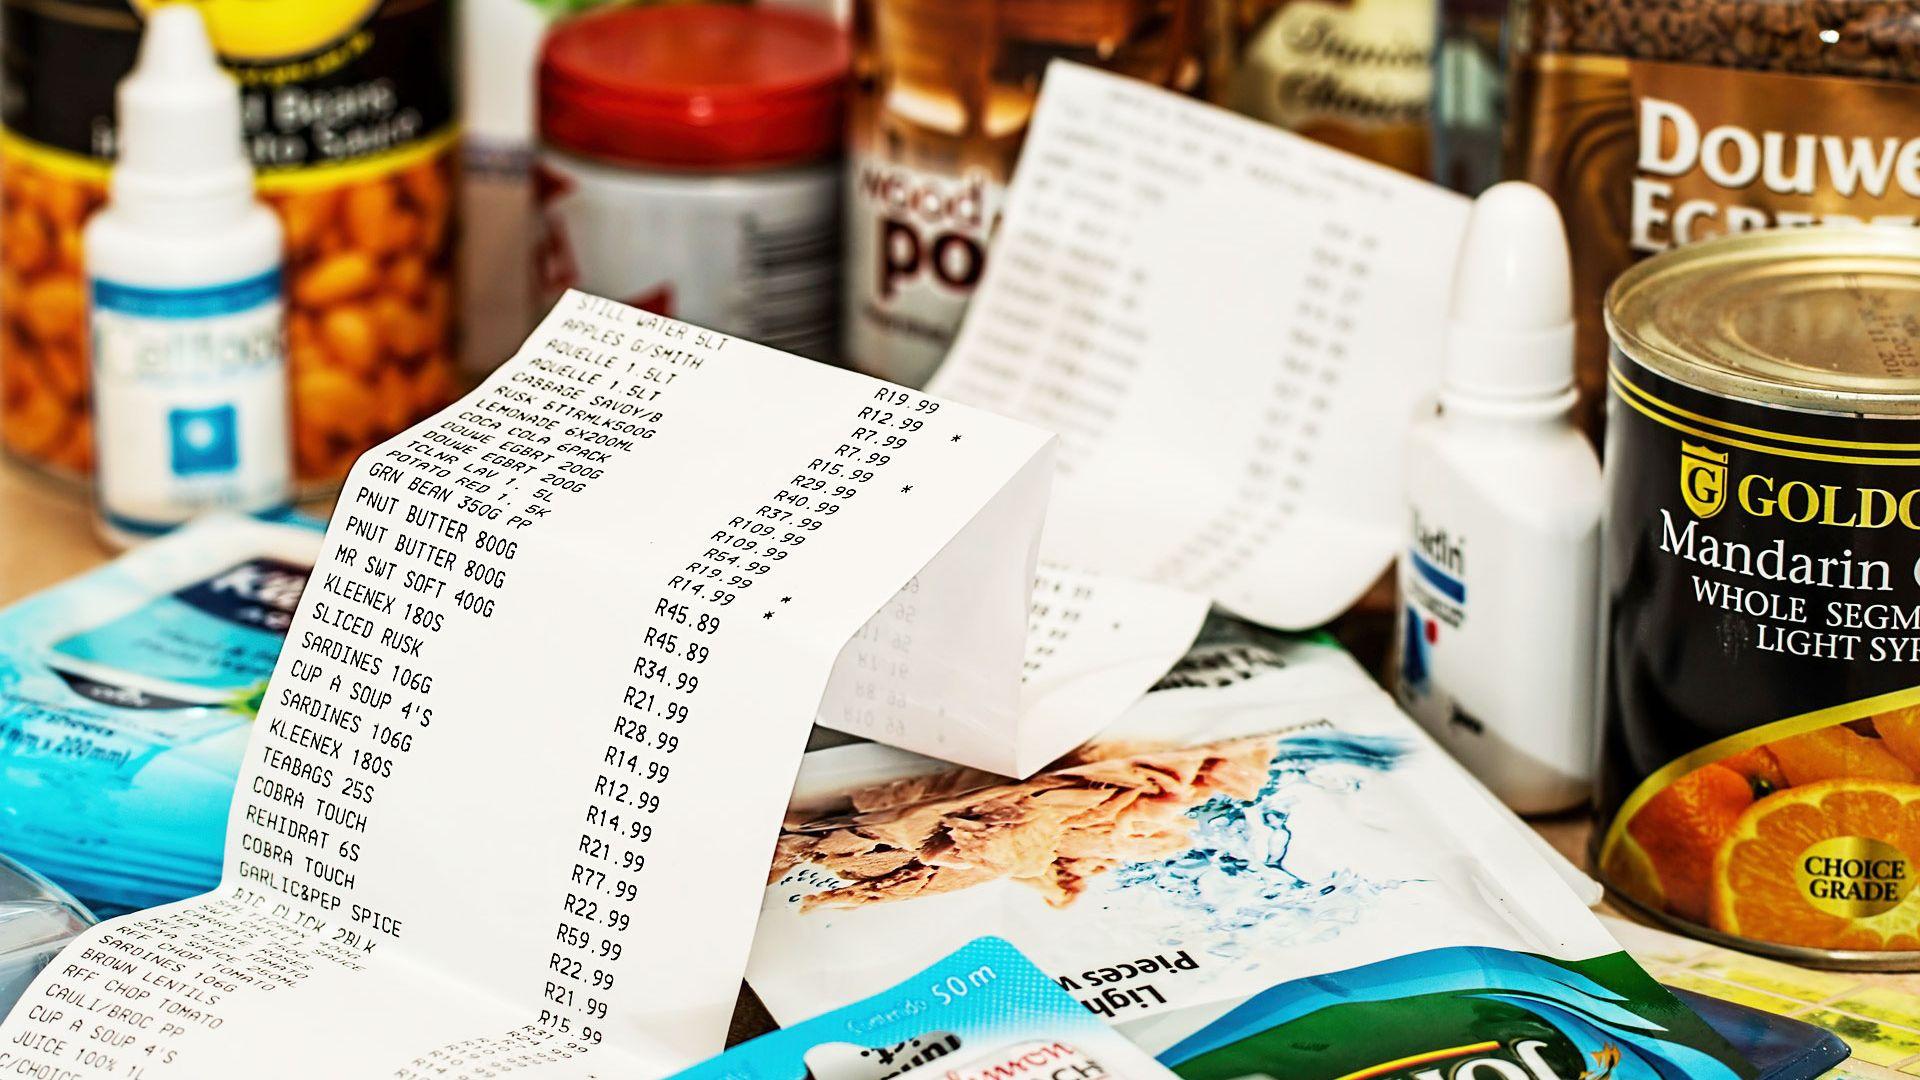 スーパーのPOSレジ16億点の販売記録で作った、地域別メタボマップ